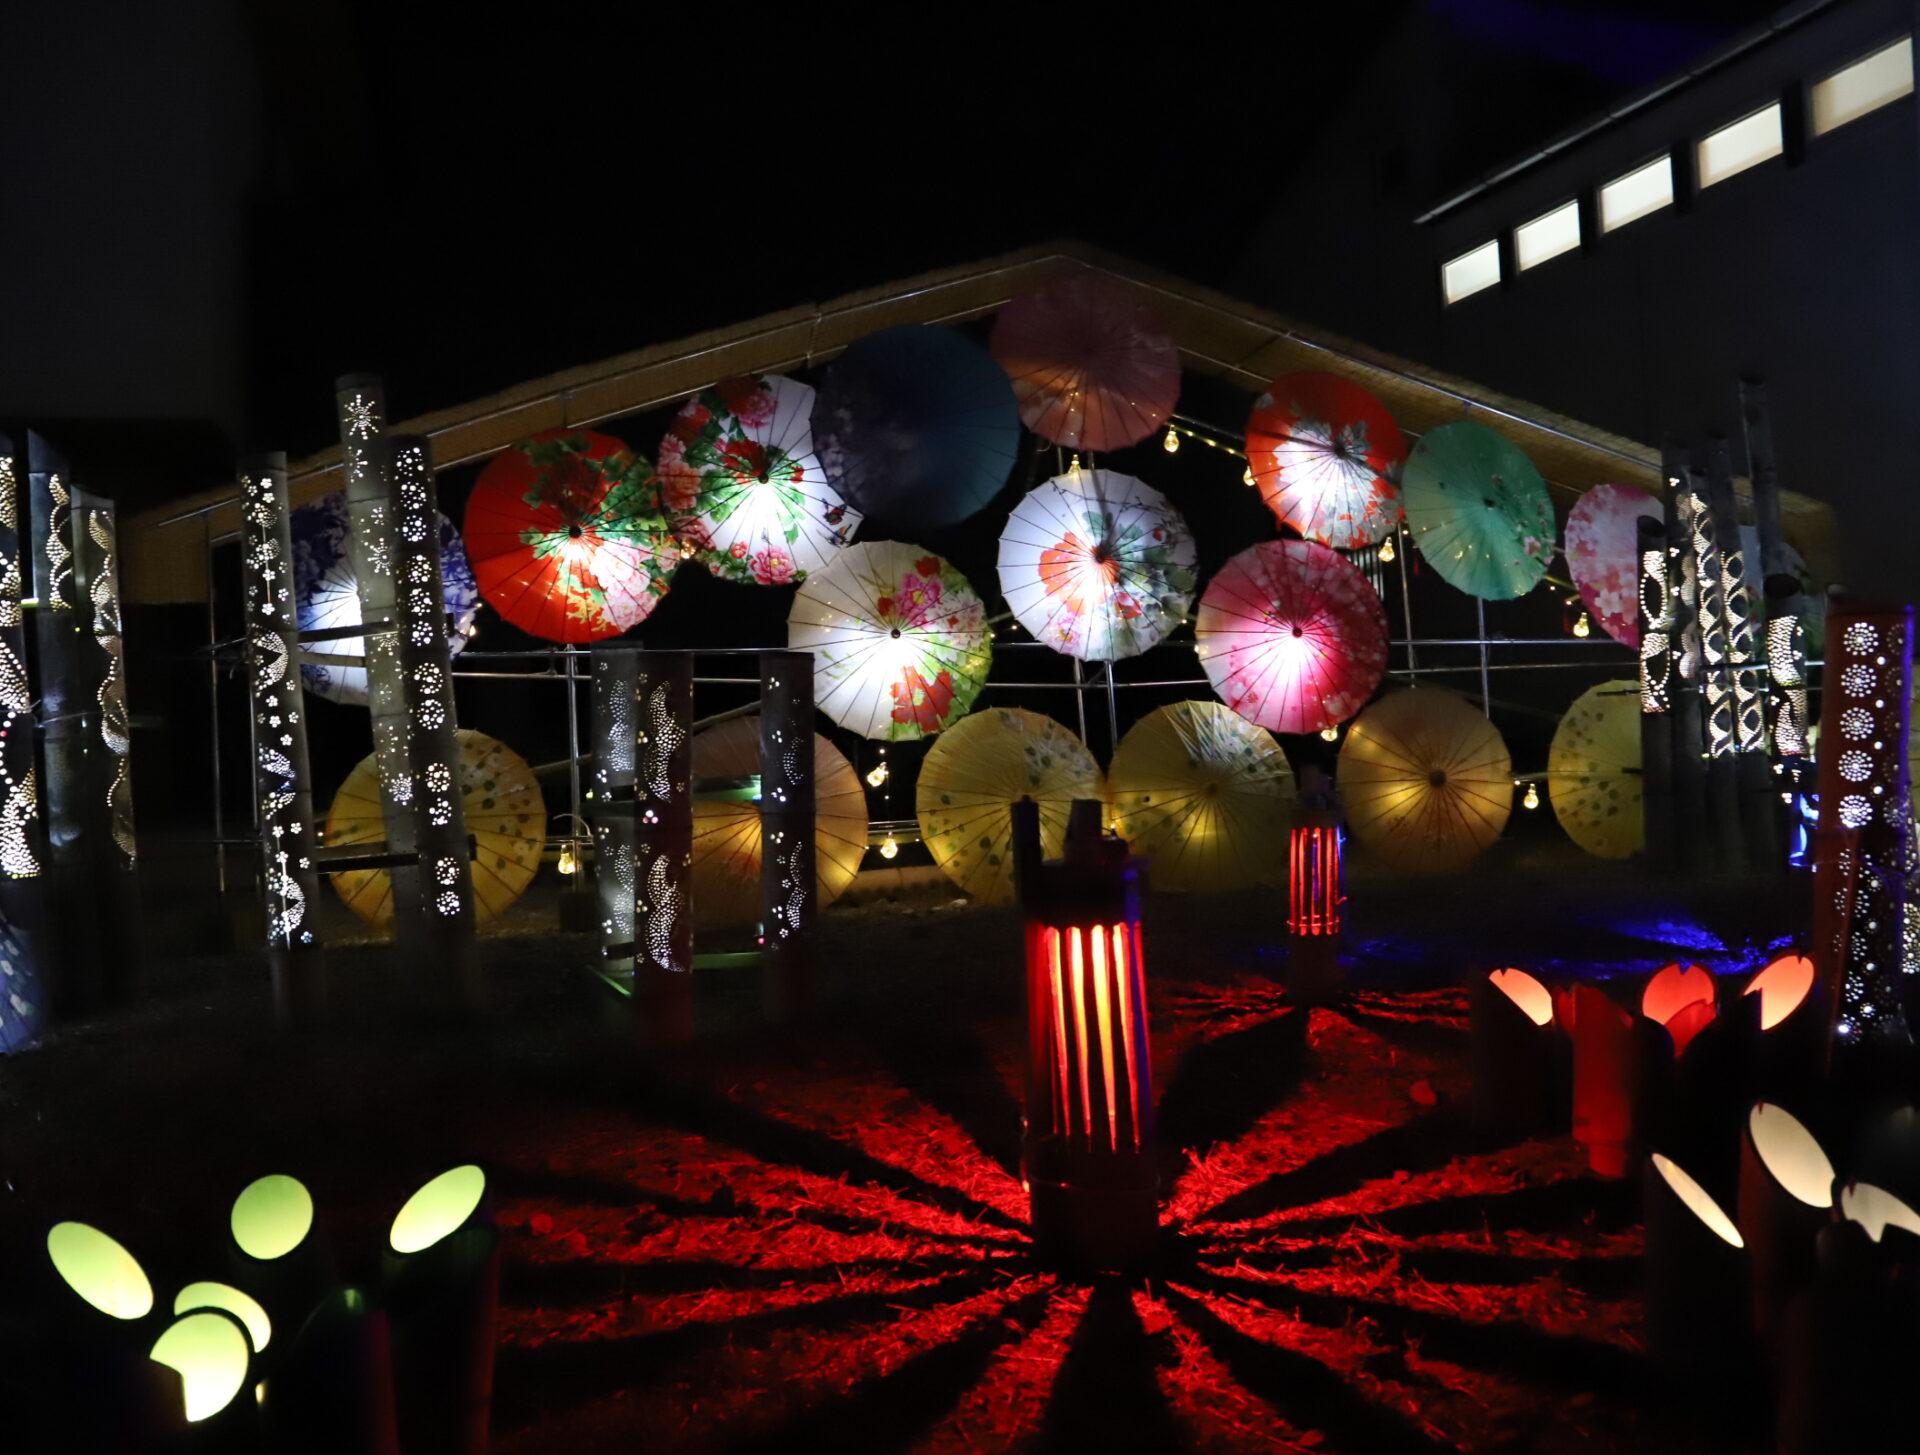 【高知】第7回 国分竹灯り憧憬の路38